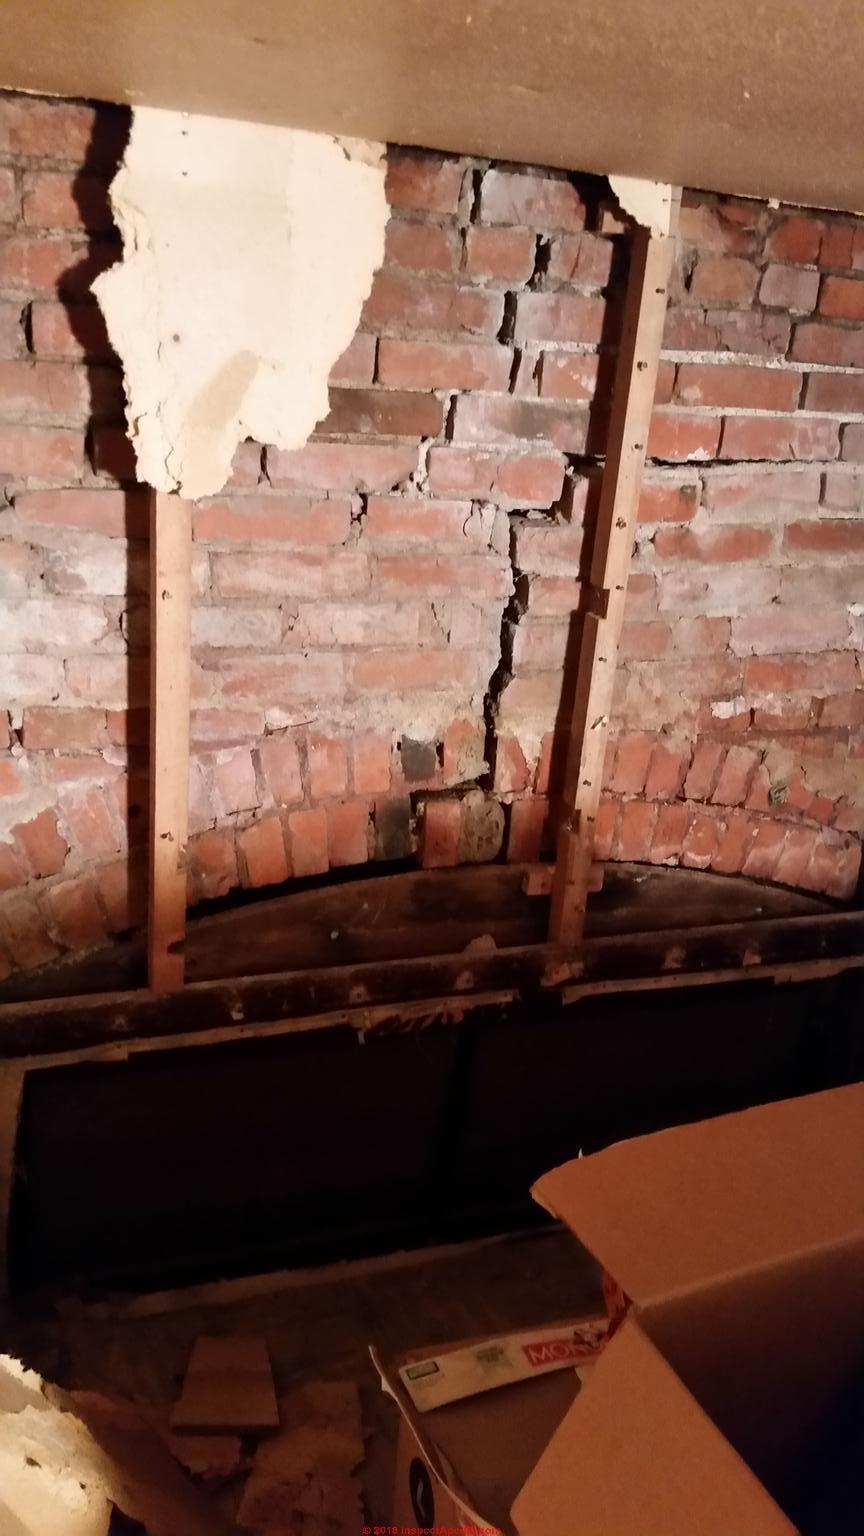 Brick Foundation Amp Brick Wall Failure Faqs Q Amp A On